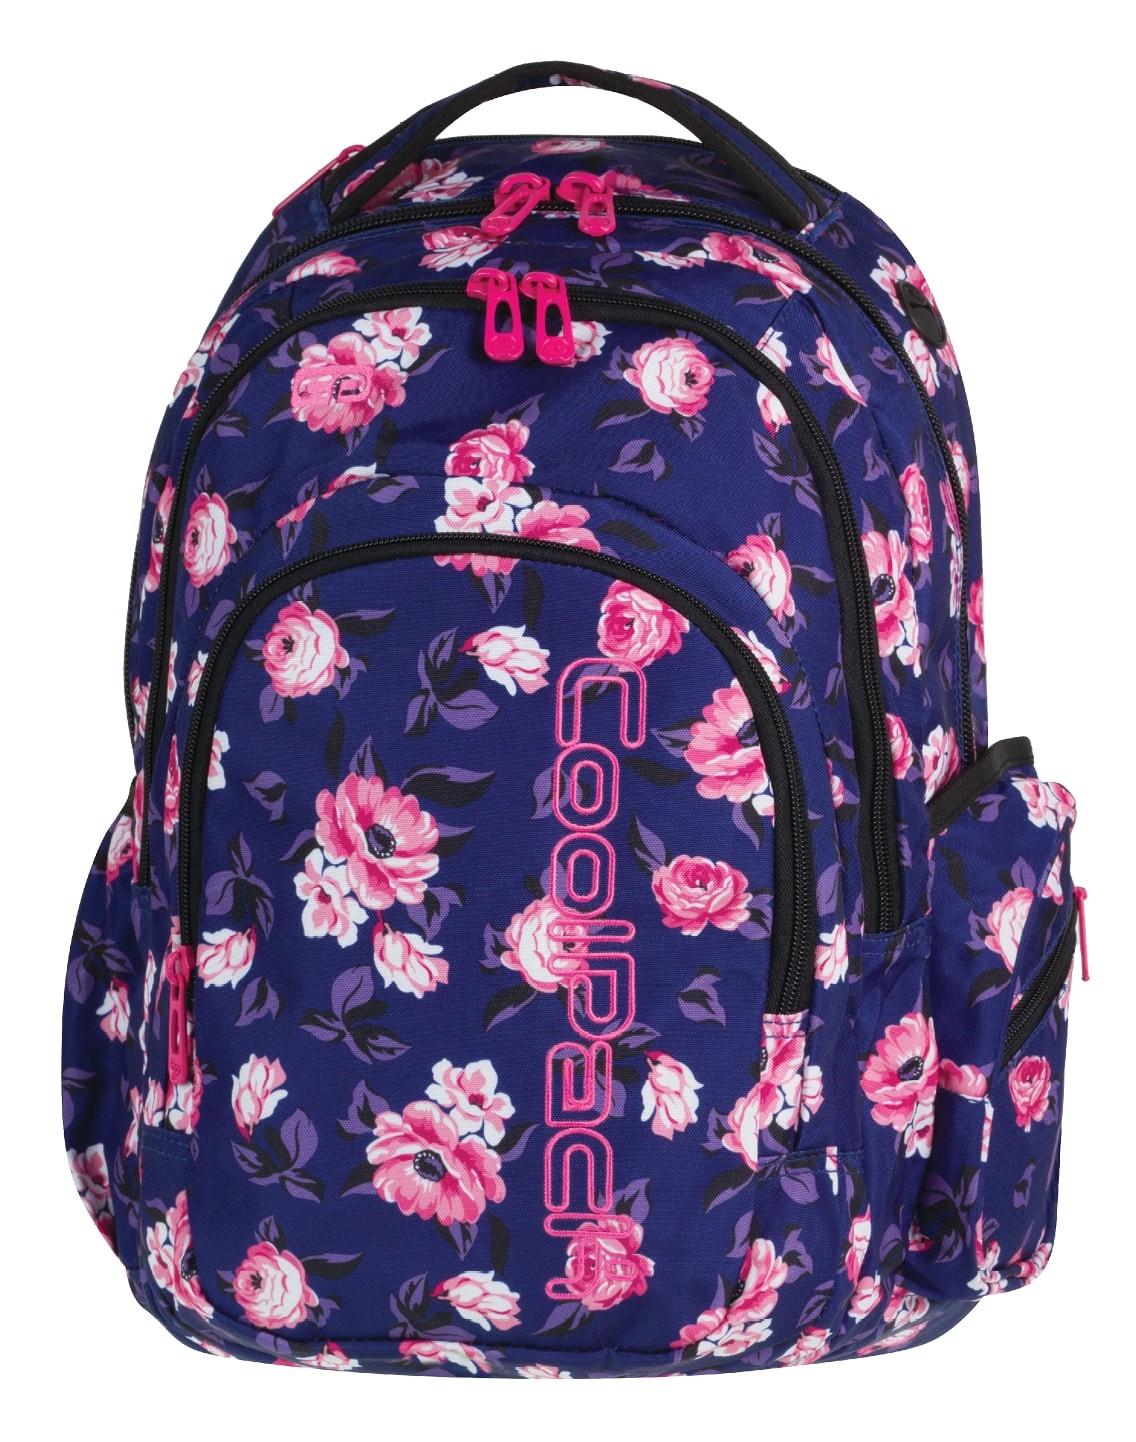 8339d096241f4 Plecak szkolny CP Spark II granatowy w róże dla dziewczynki